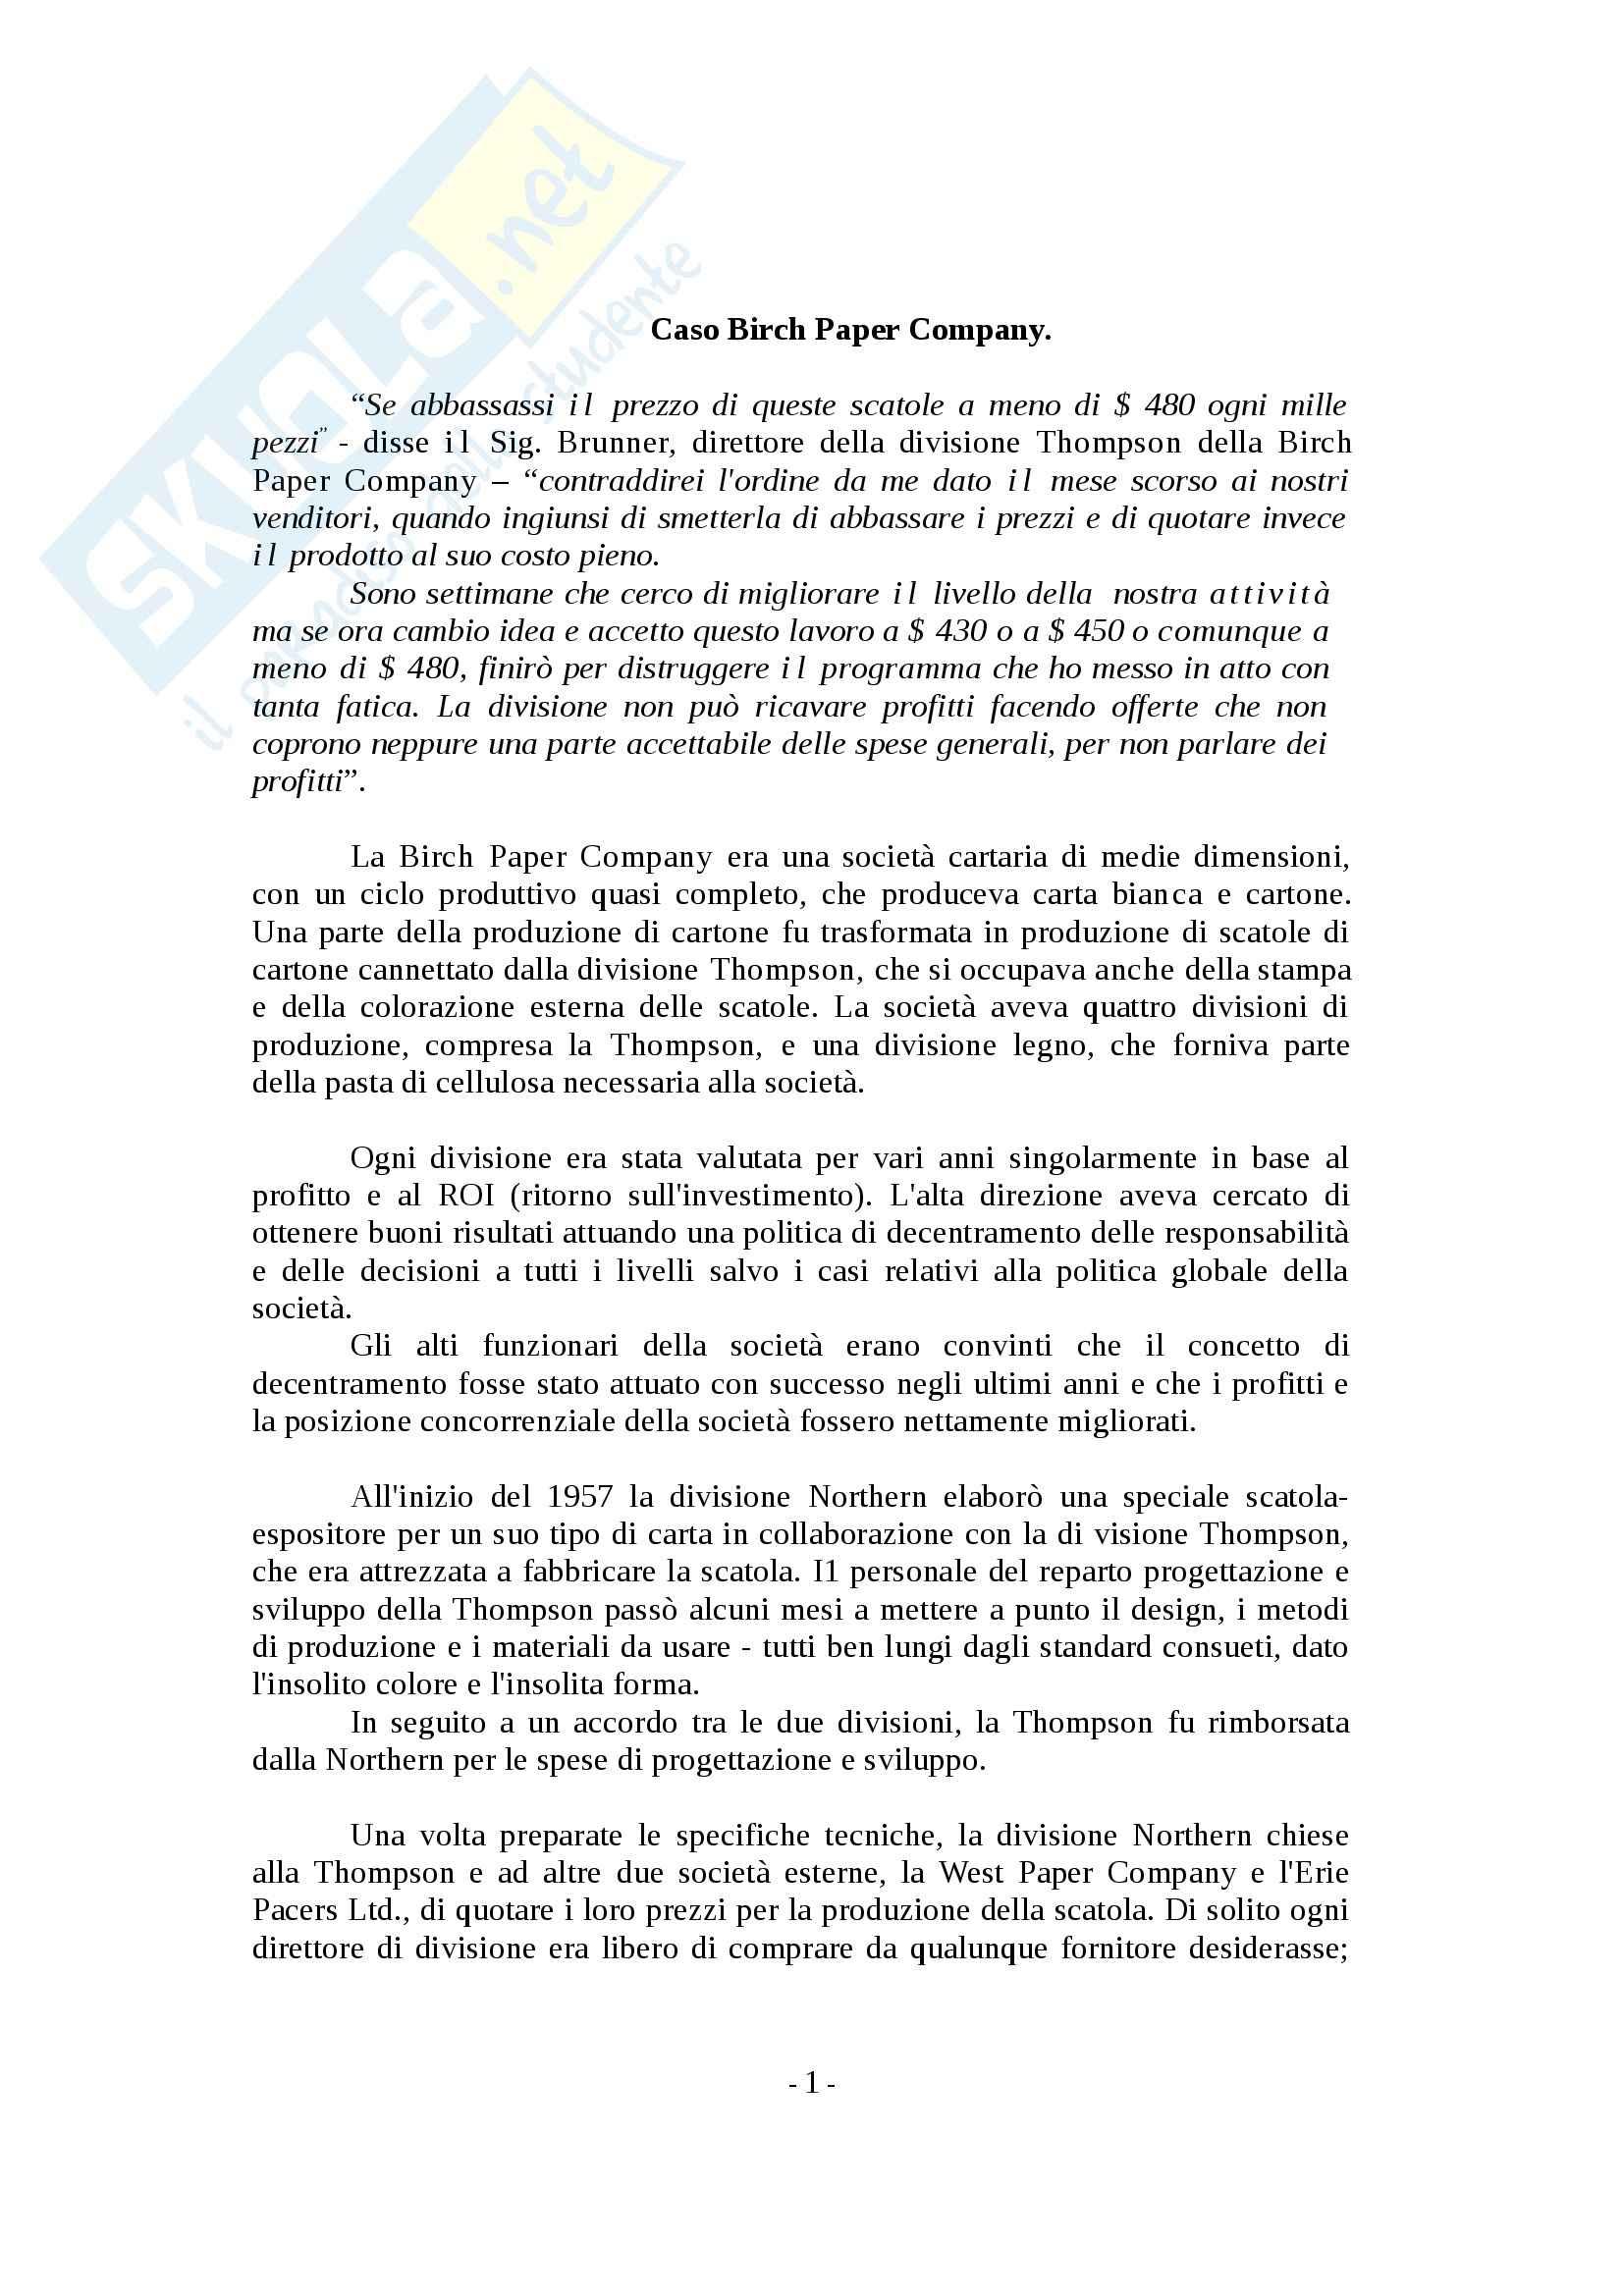 Programmazione e controllo II - Caso Birch Paper